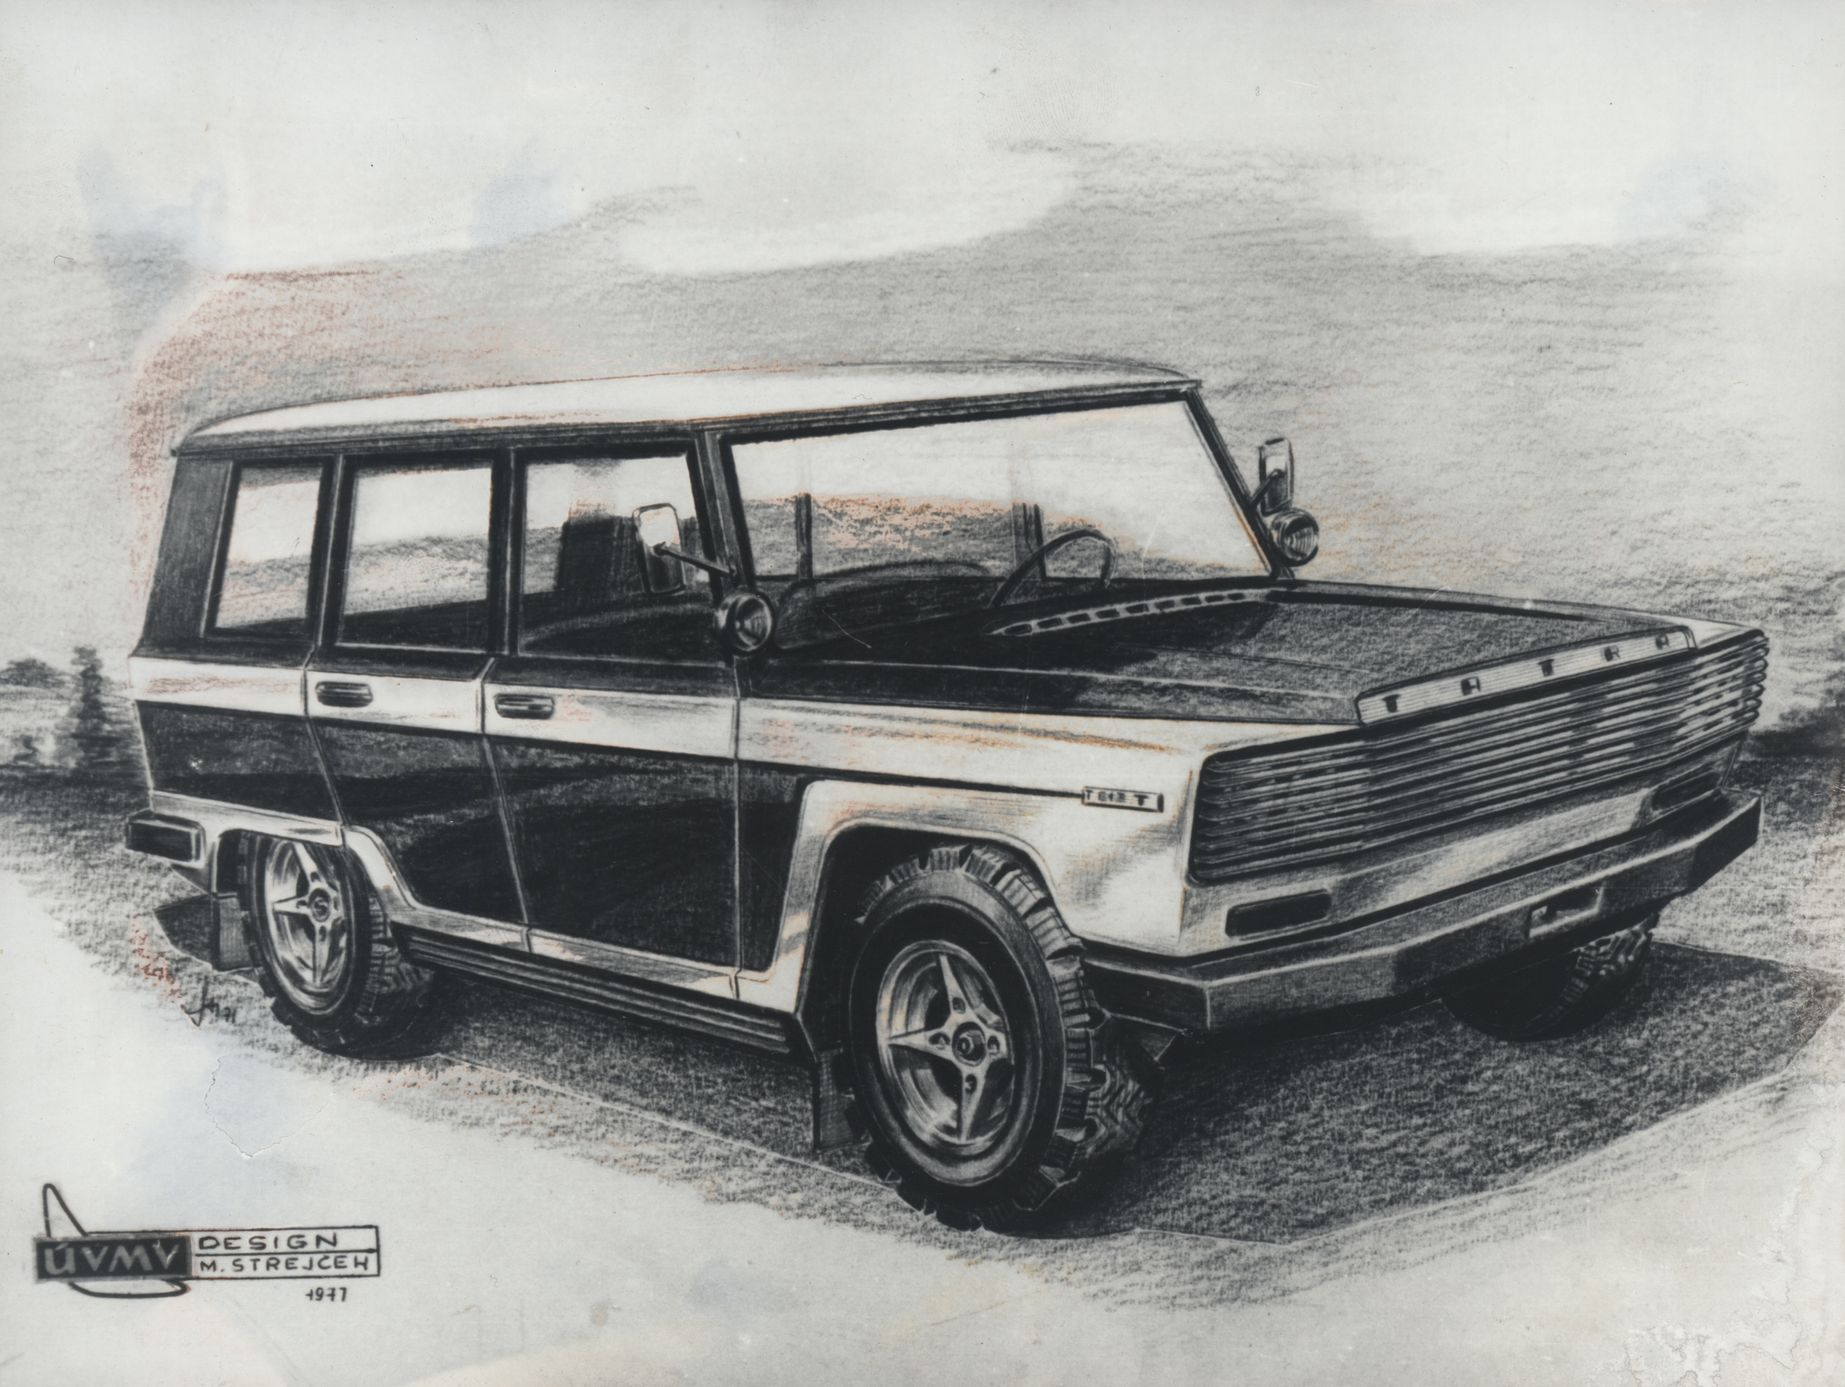 Škoda Kodiaq nemusela být první velké SUV z Česka. V sedmdesátých letech ho  zvažovala Tatra - Aktuálně.cz 0d9e51cad0